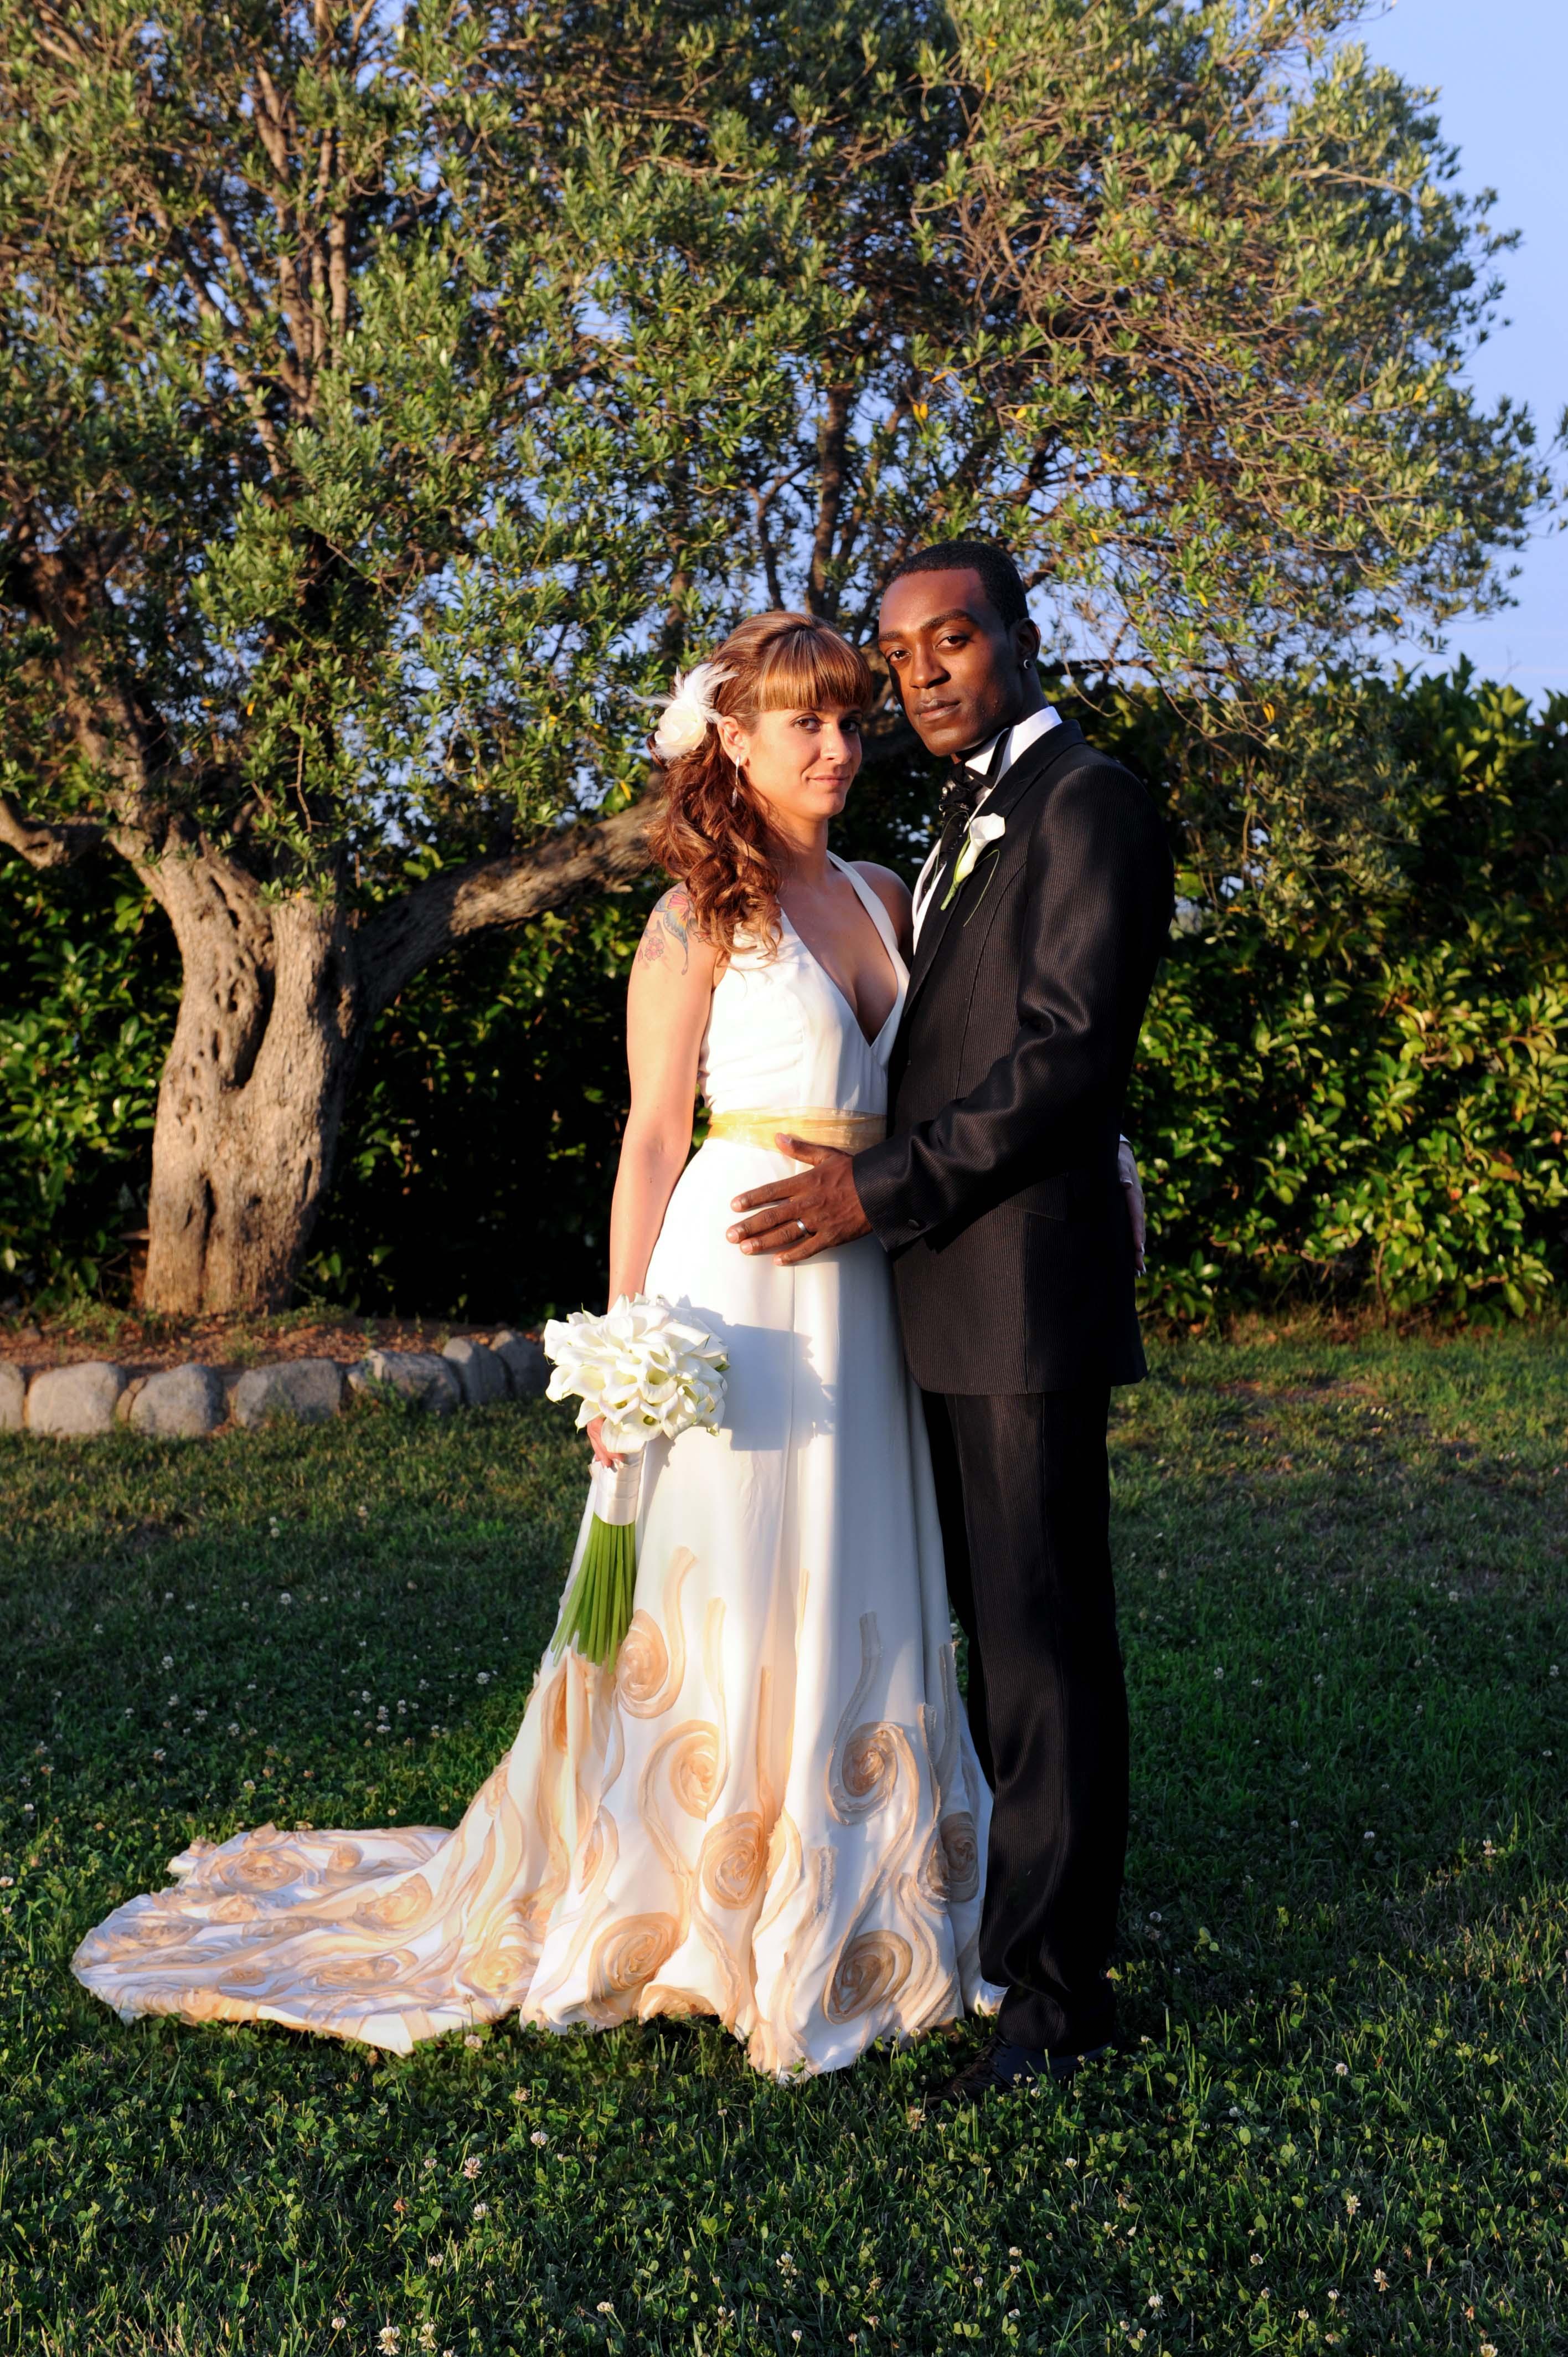 Alquilar un vestido de novia de Los Ángeles